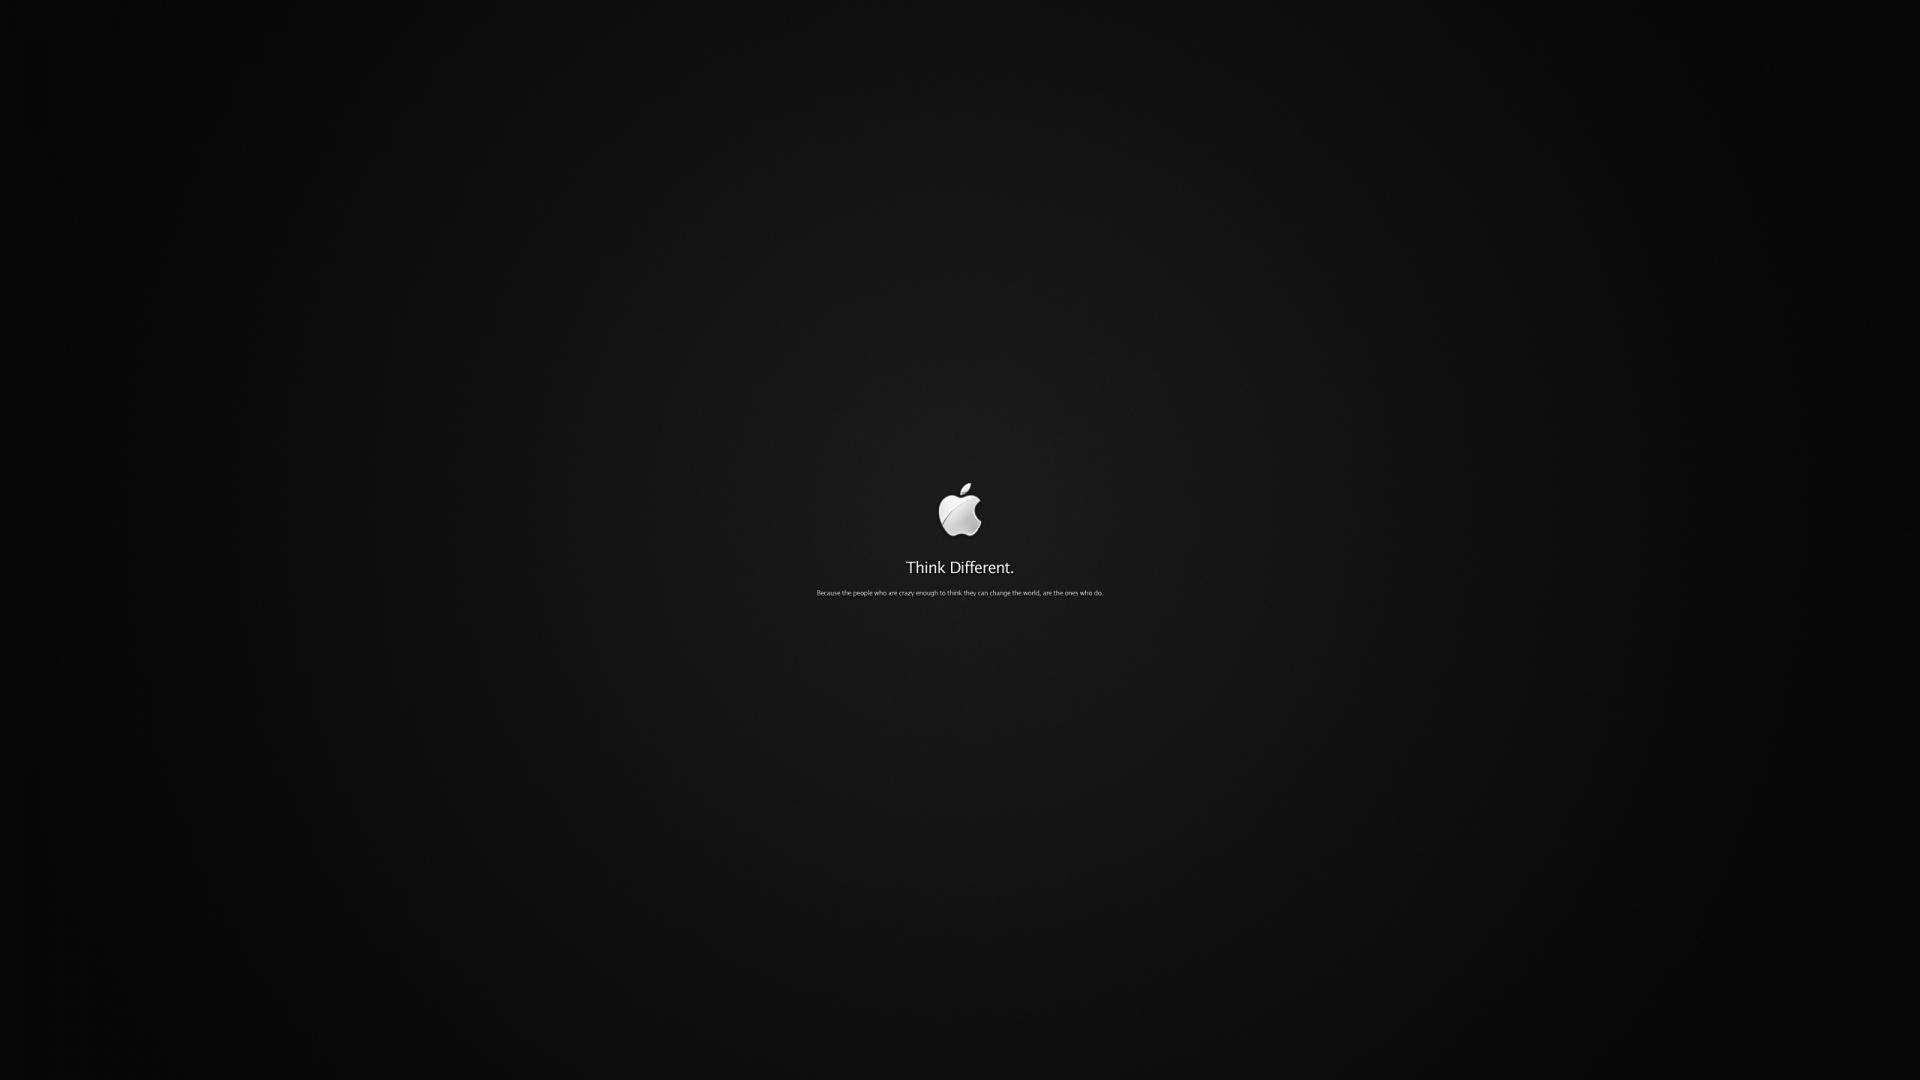 apple wallpaper high resolution 1920x1080